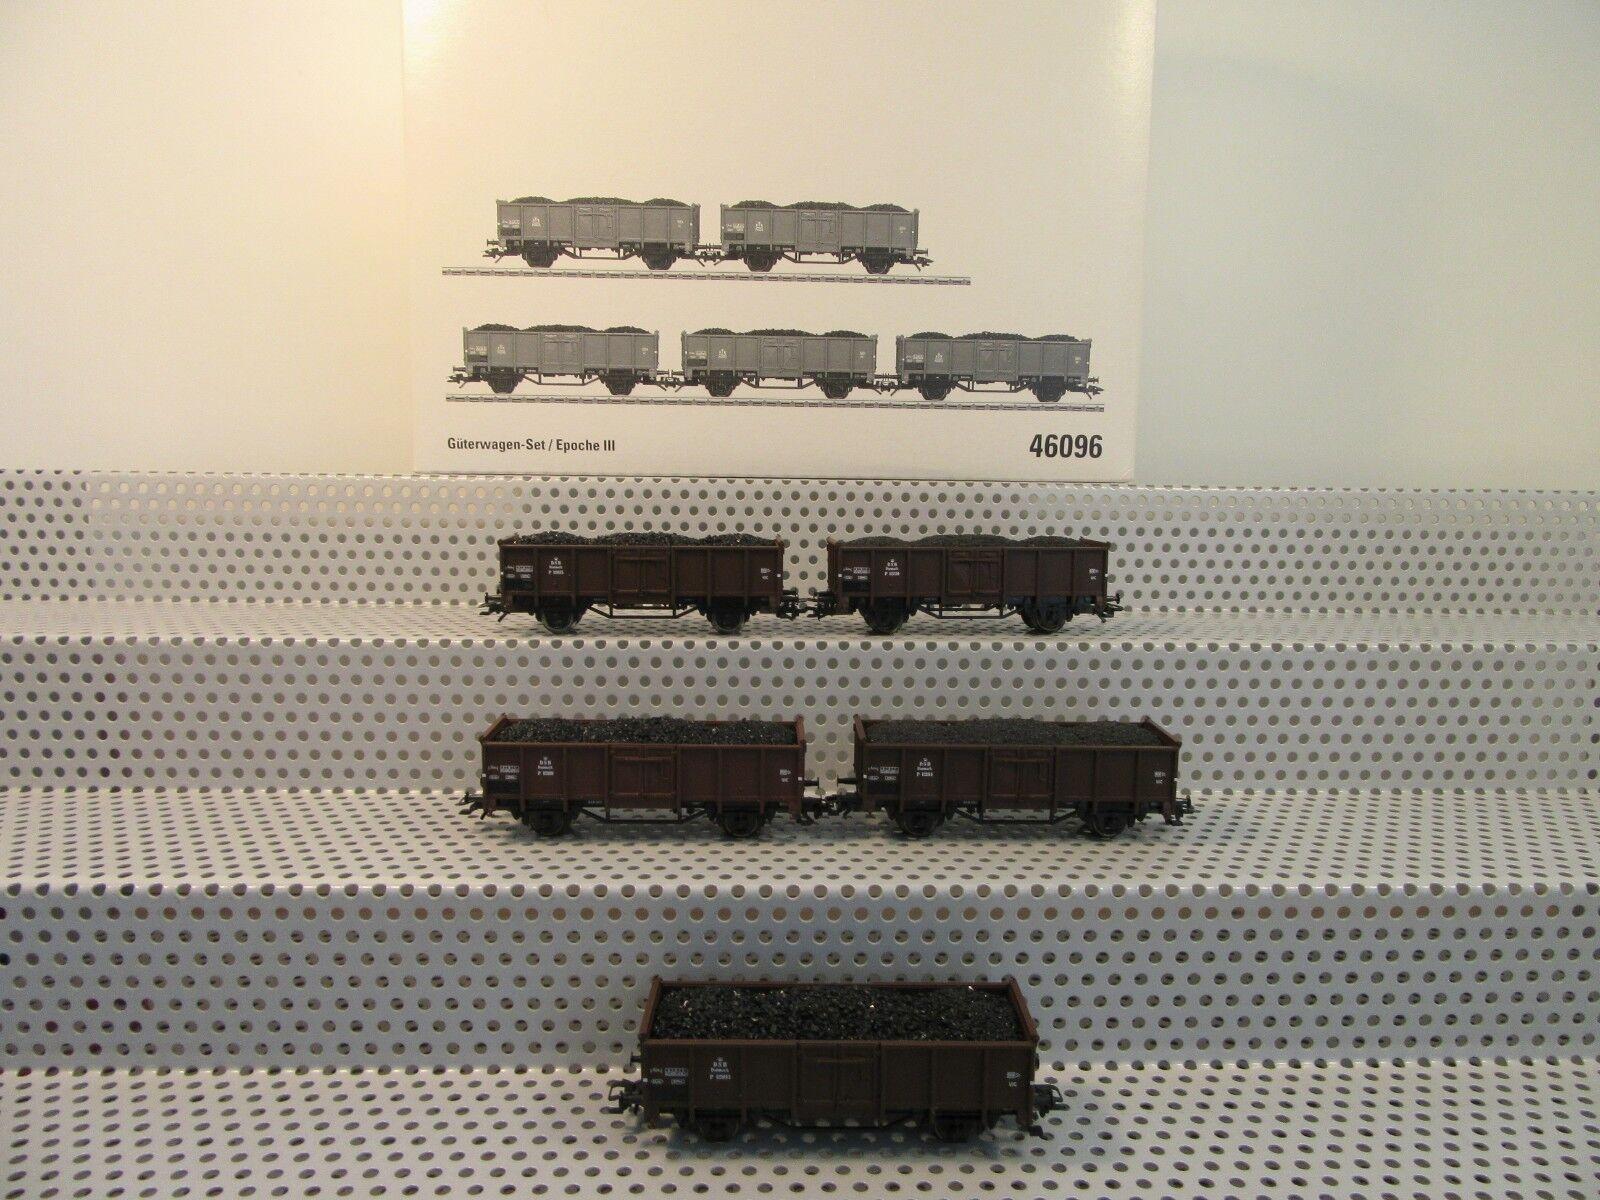 h0 46096 carri merci Set 5 pezzi alta bordo carrello carico della DSB in scatola originale